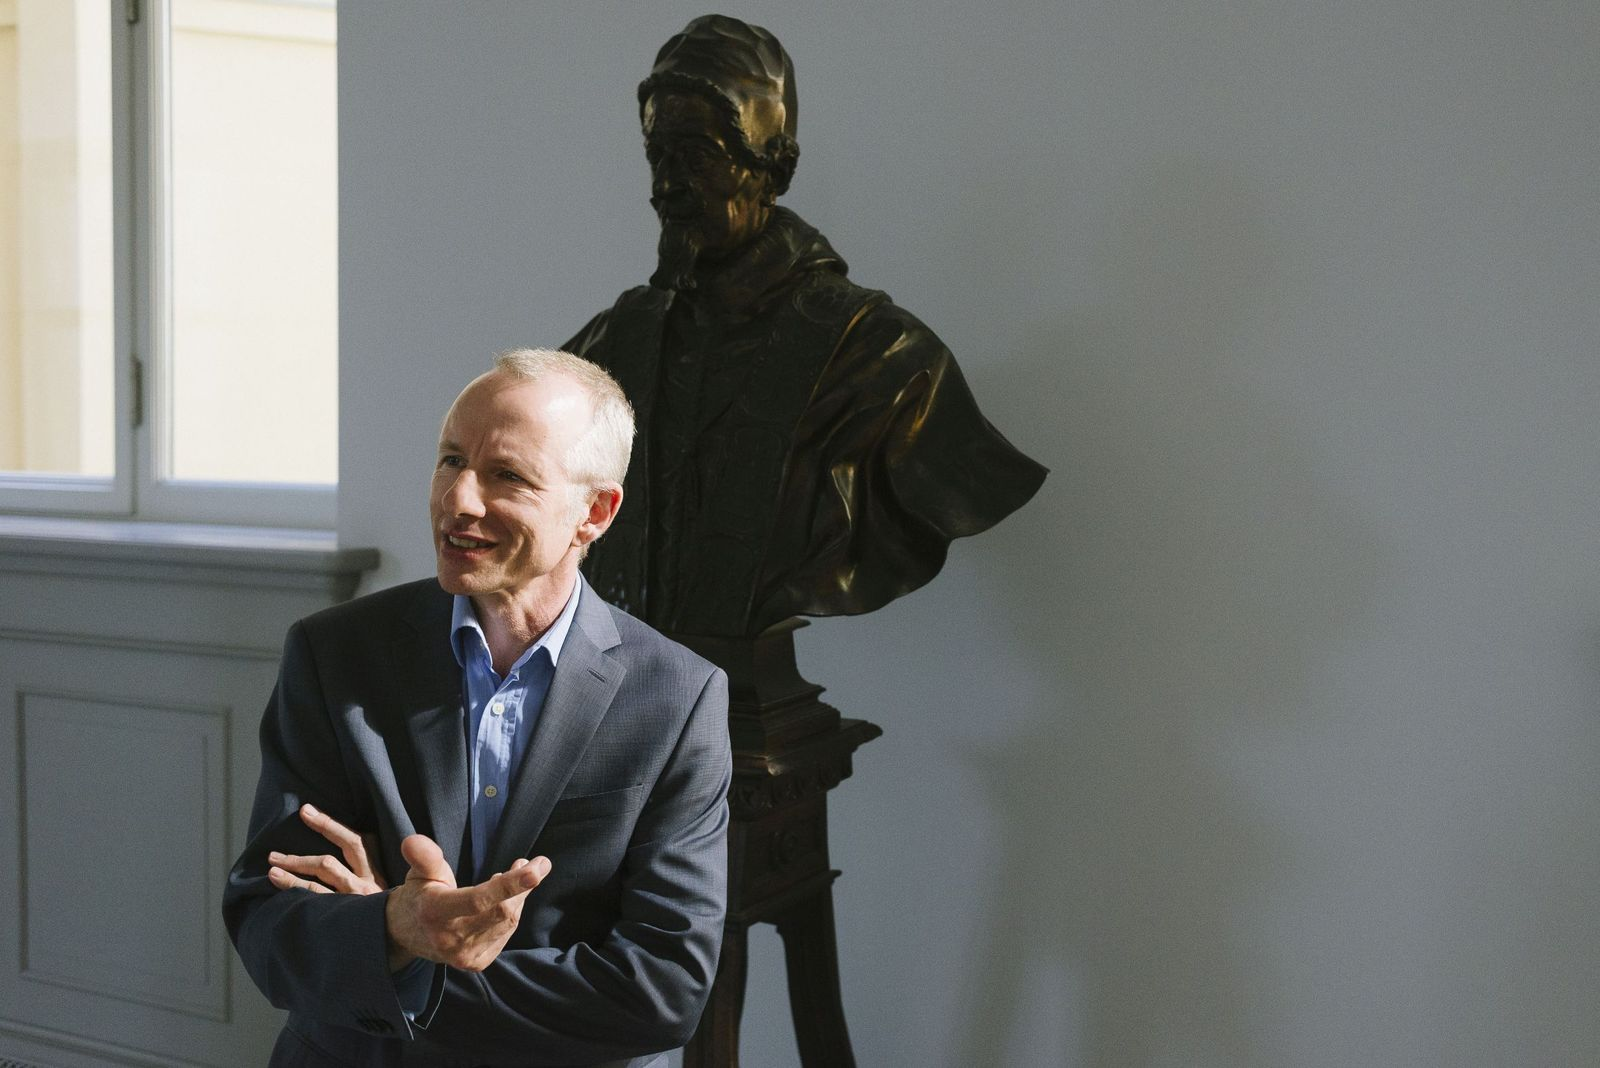 """Volker Krahn ist der Kurator der Ausstellung """"Canova und der Tanz"""". Foto: Jörg Brüggemann, Ostkreuz Agentur"""